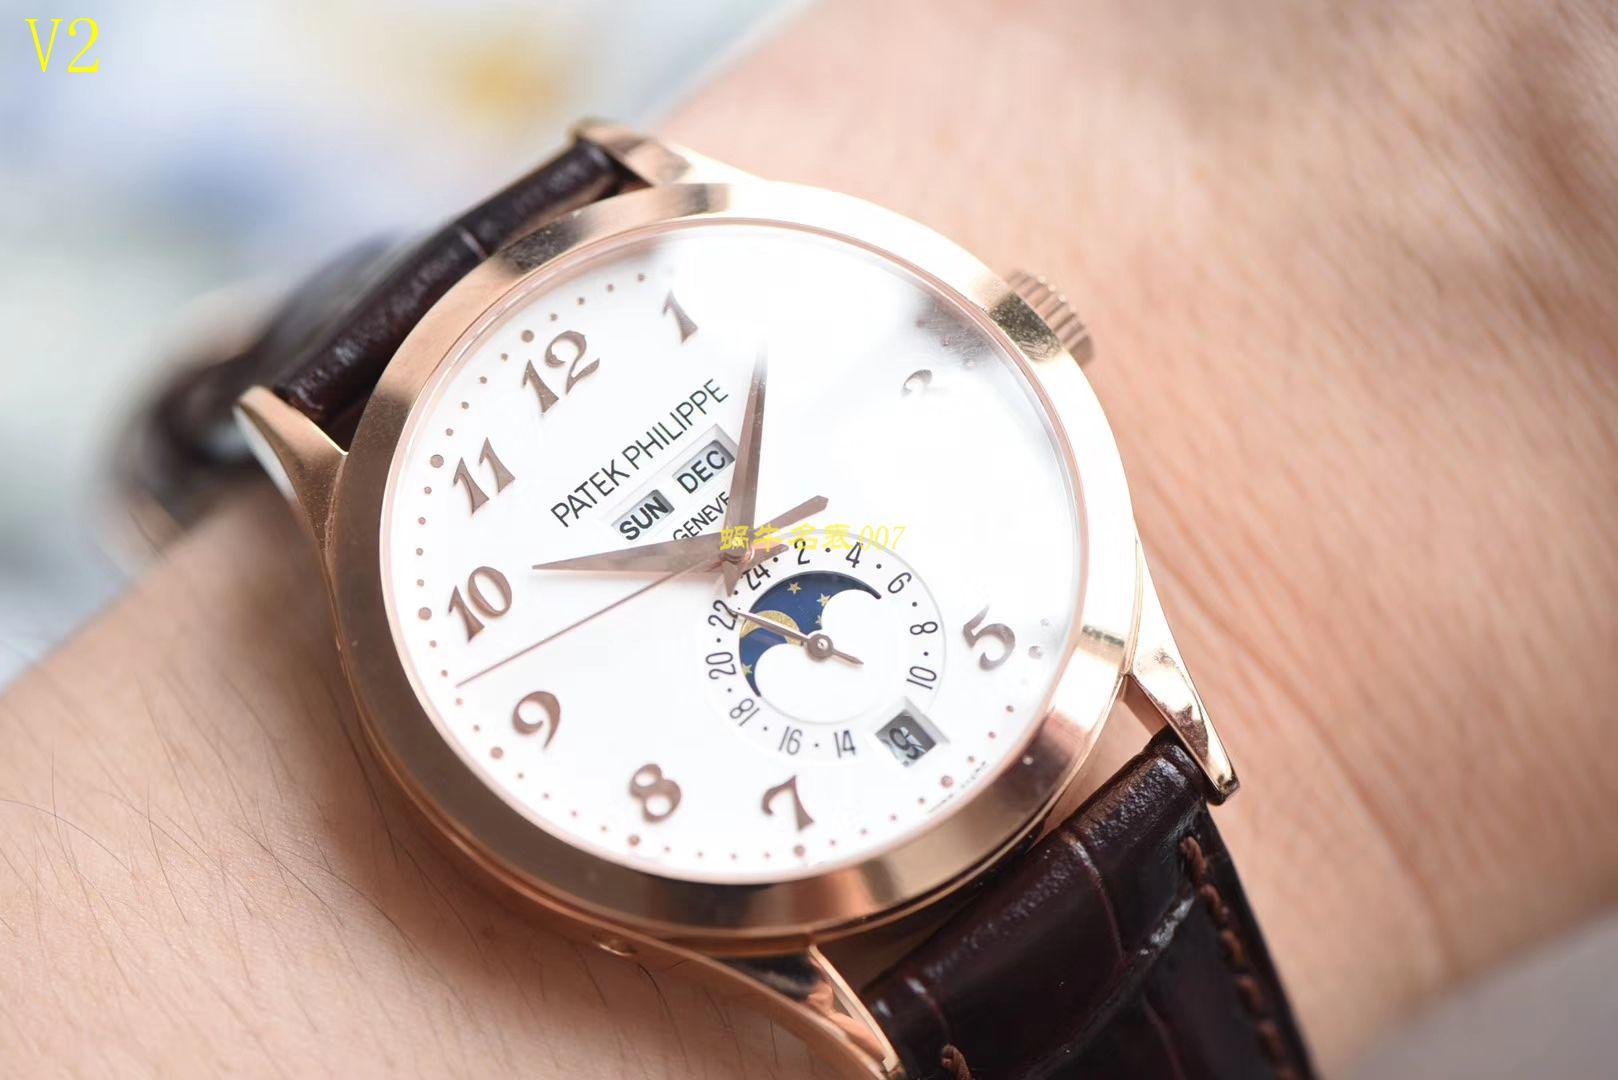 【台湾厂一比一超A高仿手表】百达翡丽复杂功能计时系列5396R-012月相腕表 / BD208